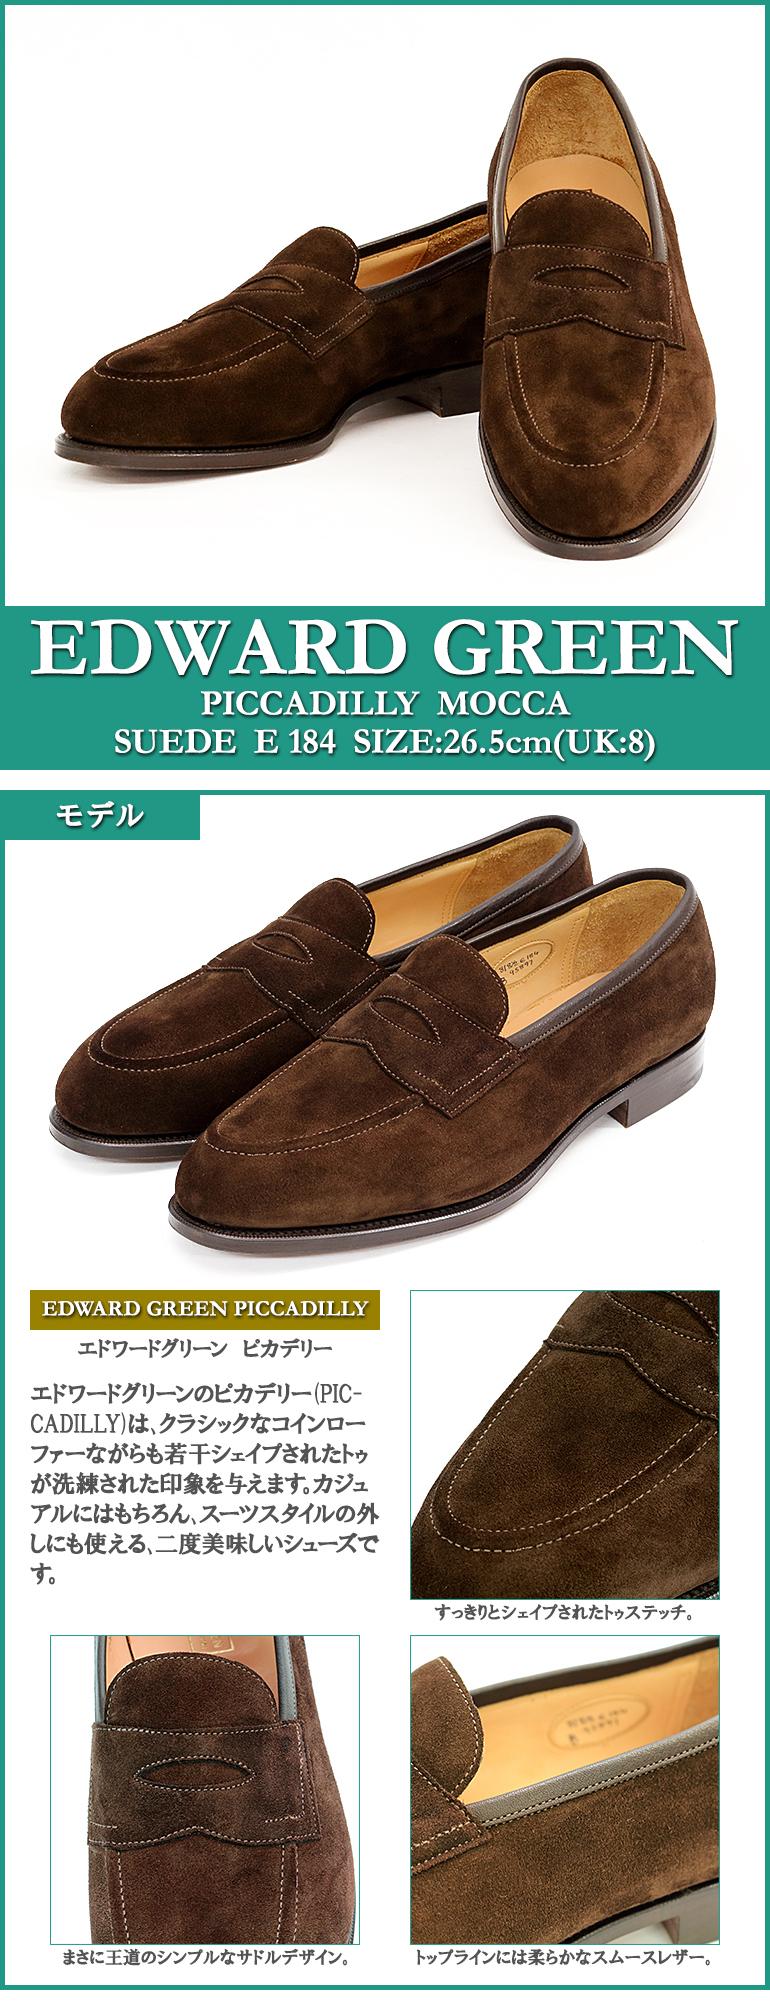 エドワードグリーン ピカデリー モカ EDWARD GREEN PICCADILLY MOCCA  通販 モデル紹介